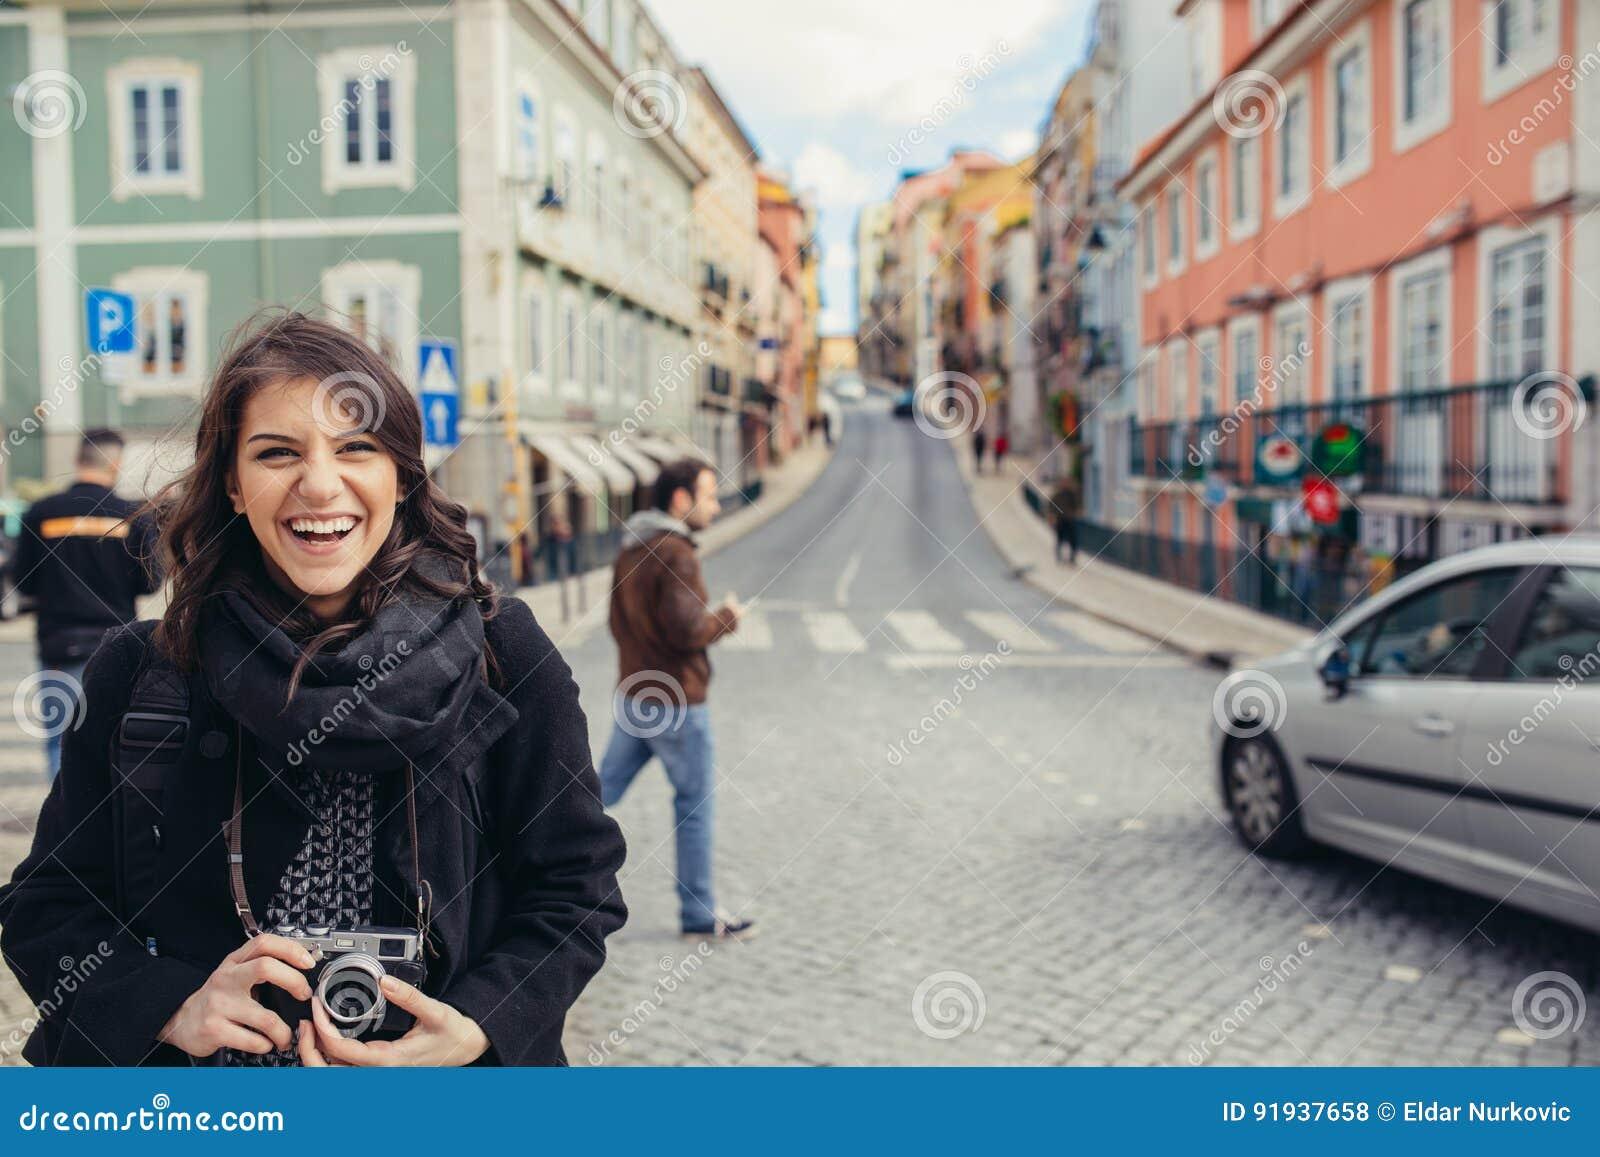 Rues de marche de femme enthousiaste de voyageur de capitale européenne Touriste à Lisbonne, Portugal